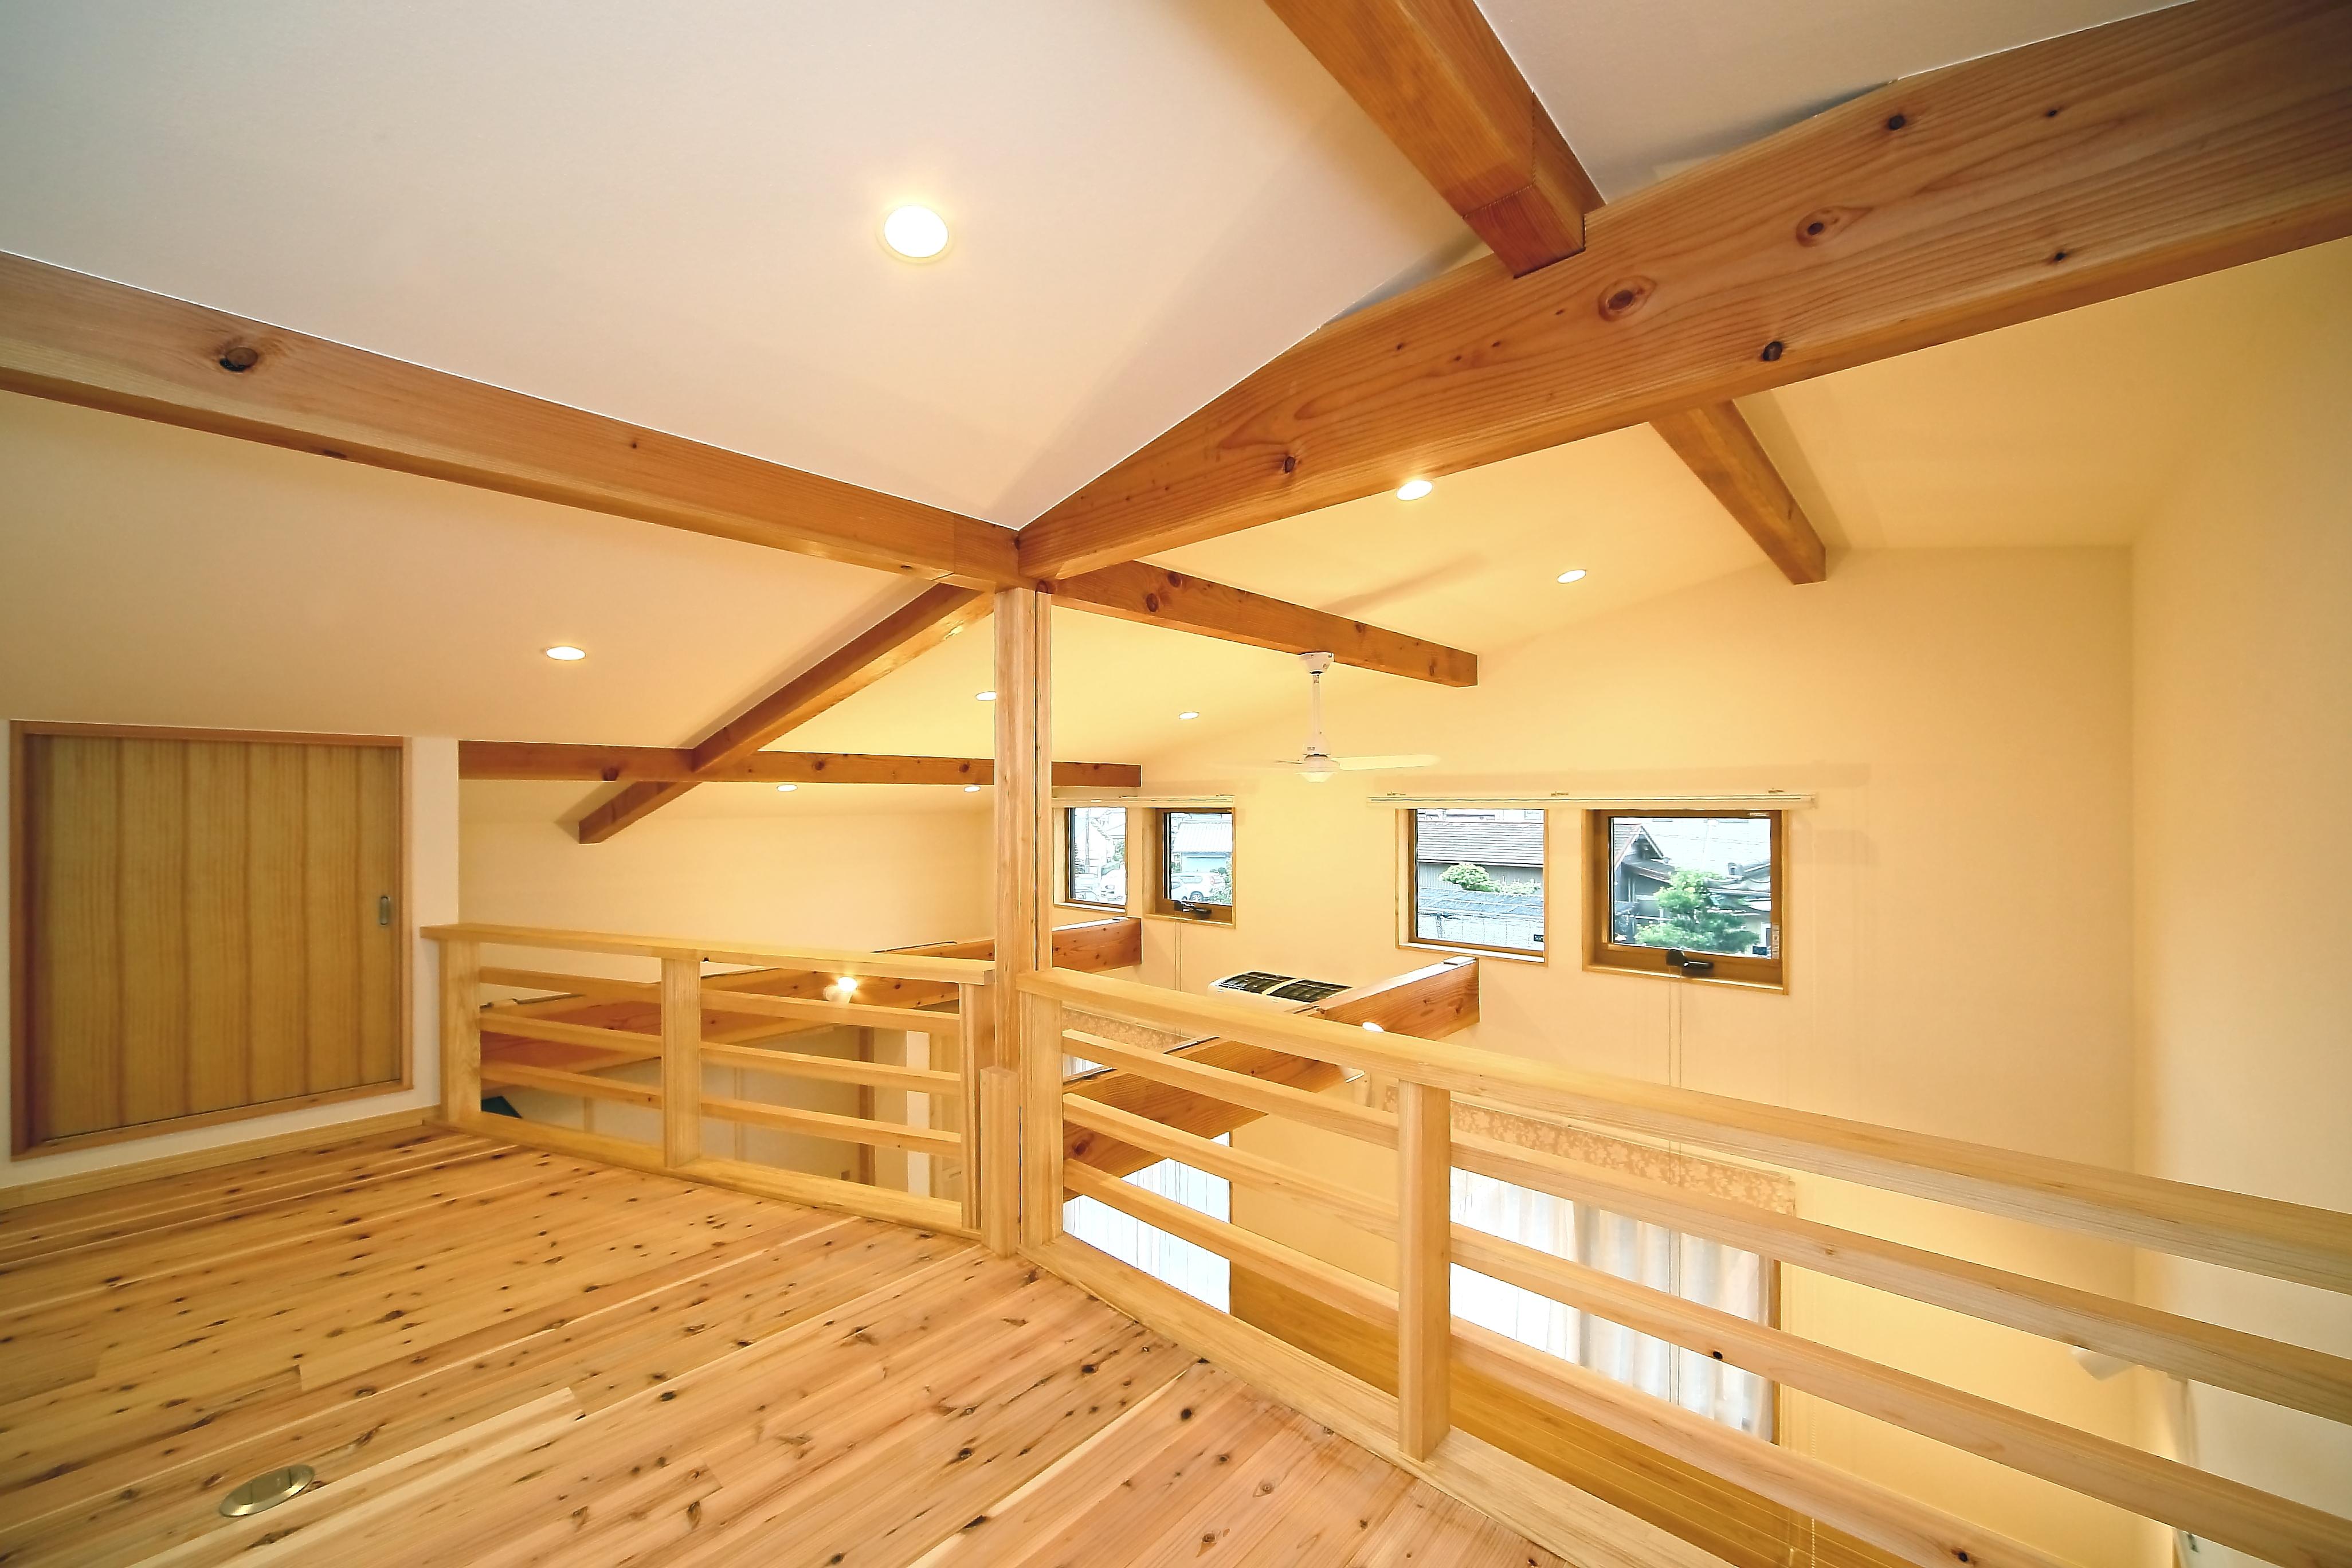 エコフィールド【二世帯住宅、自然素材、間取り】親世帯の大屋根を生かした広いロフトは、お父さまの趣味のスペースに